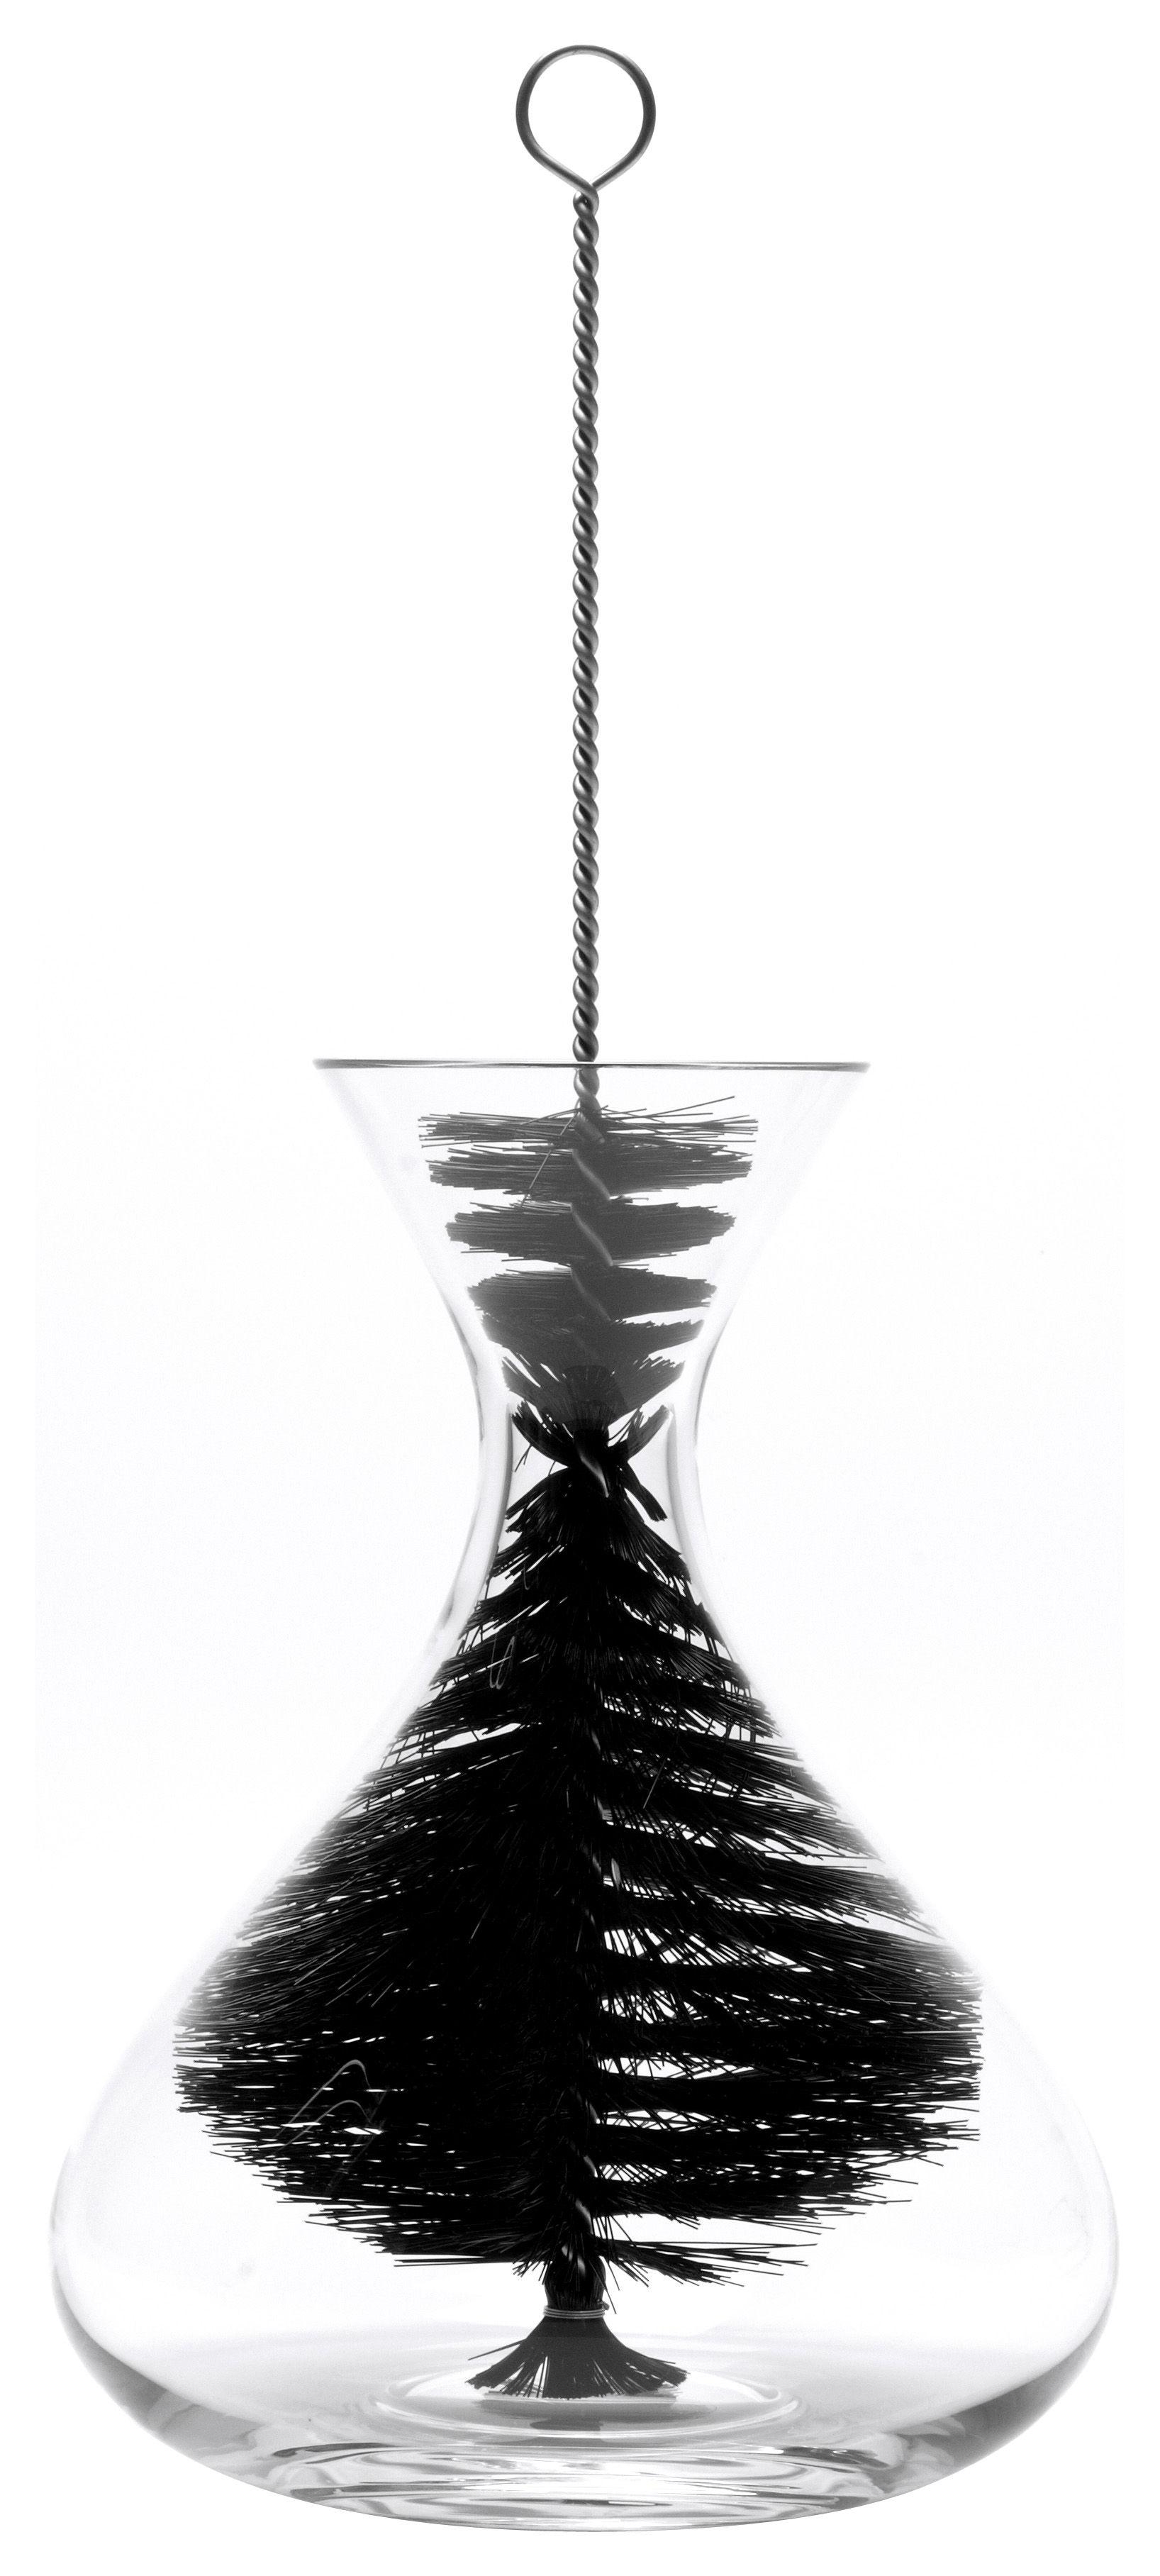 Tavola - Caraffe e Decantatori - Scovolino Grand Goupillon di L'Atelier du Vin - Nero - Acciaio, Nylon